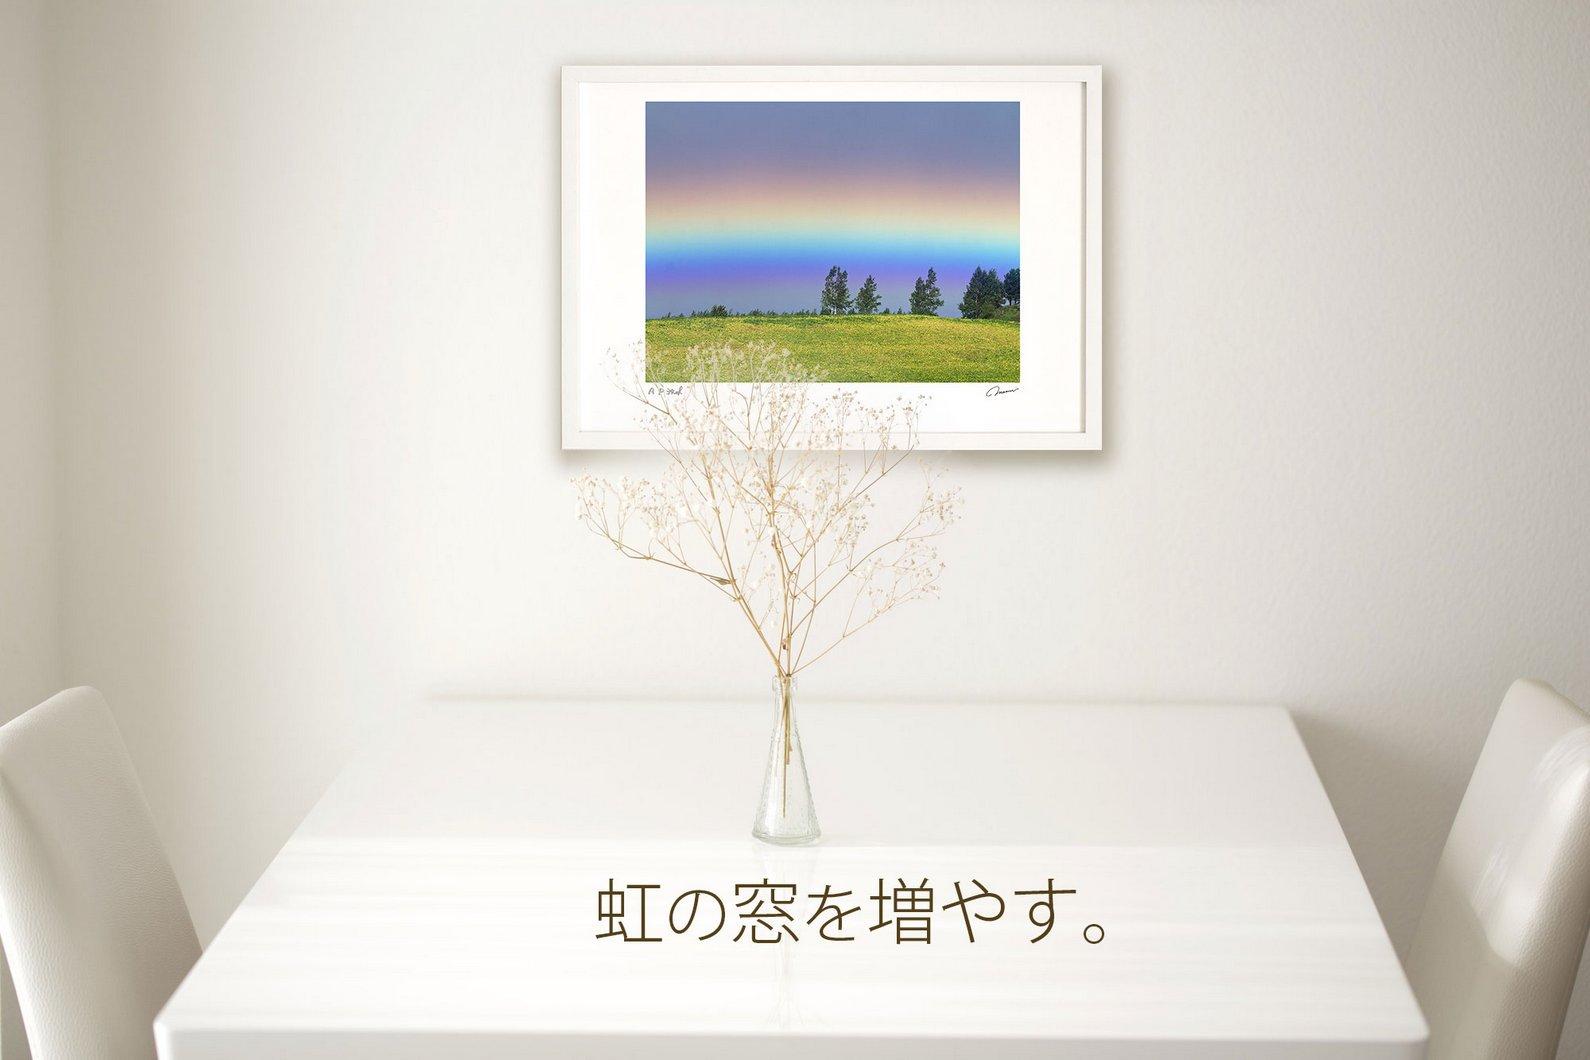 《アートフォト》【ベスト】ラベンダー3/中富良野町〔富良野・高橋真澄〕(レンタル対象)